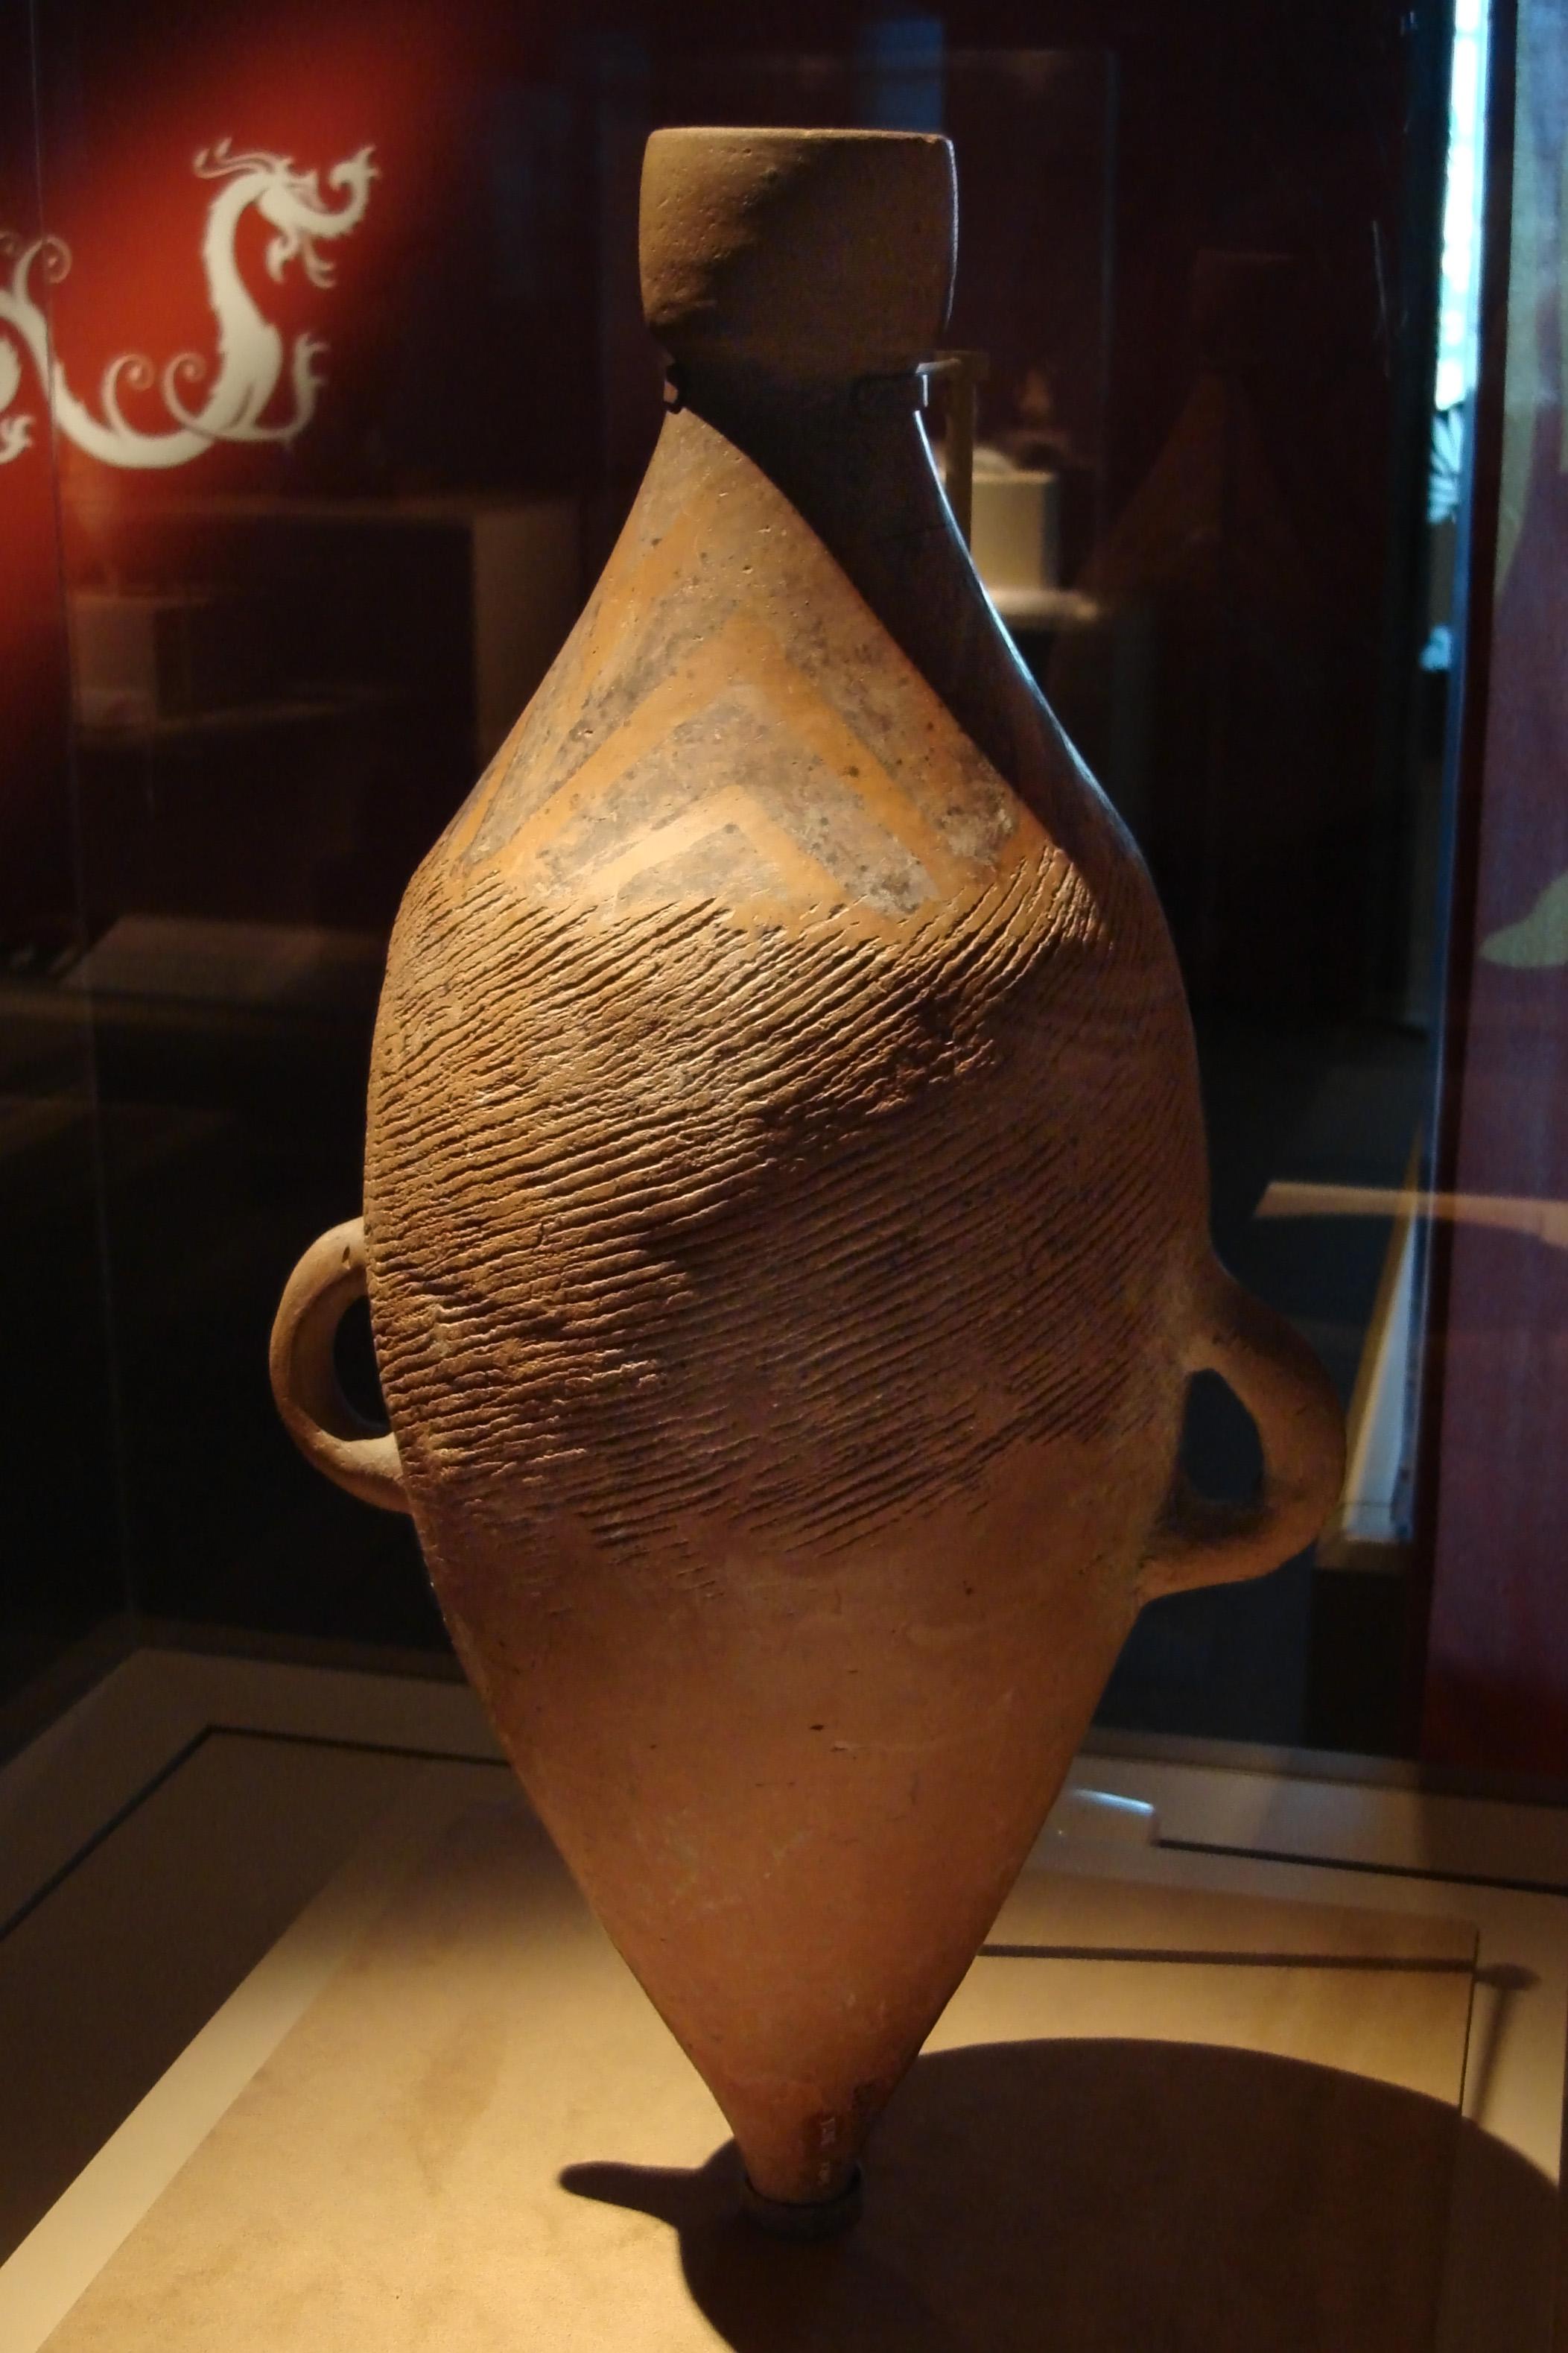 Filecmoc treasures of ancient china exhibit water jarg filecmoc treasures of ancient china exhibit water jarg reviewsmspy